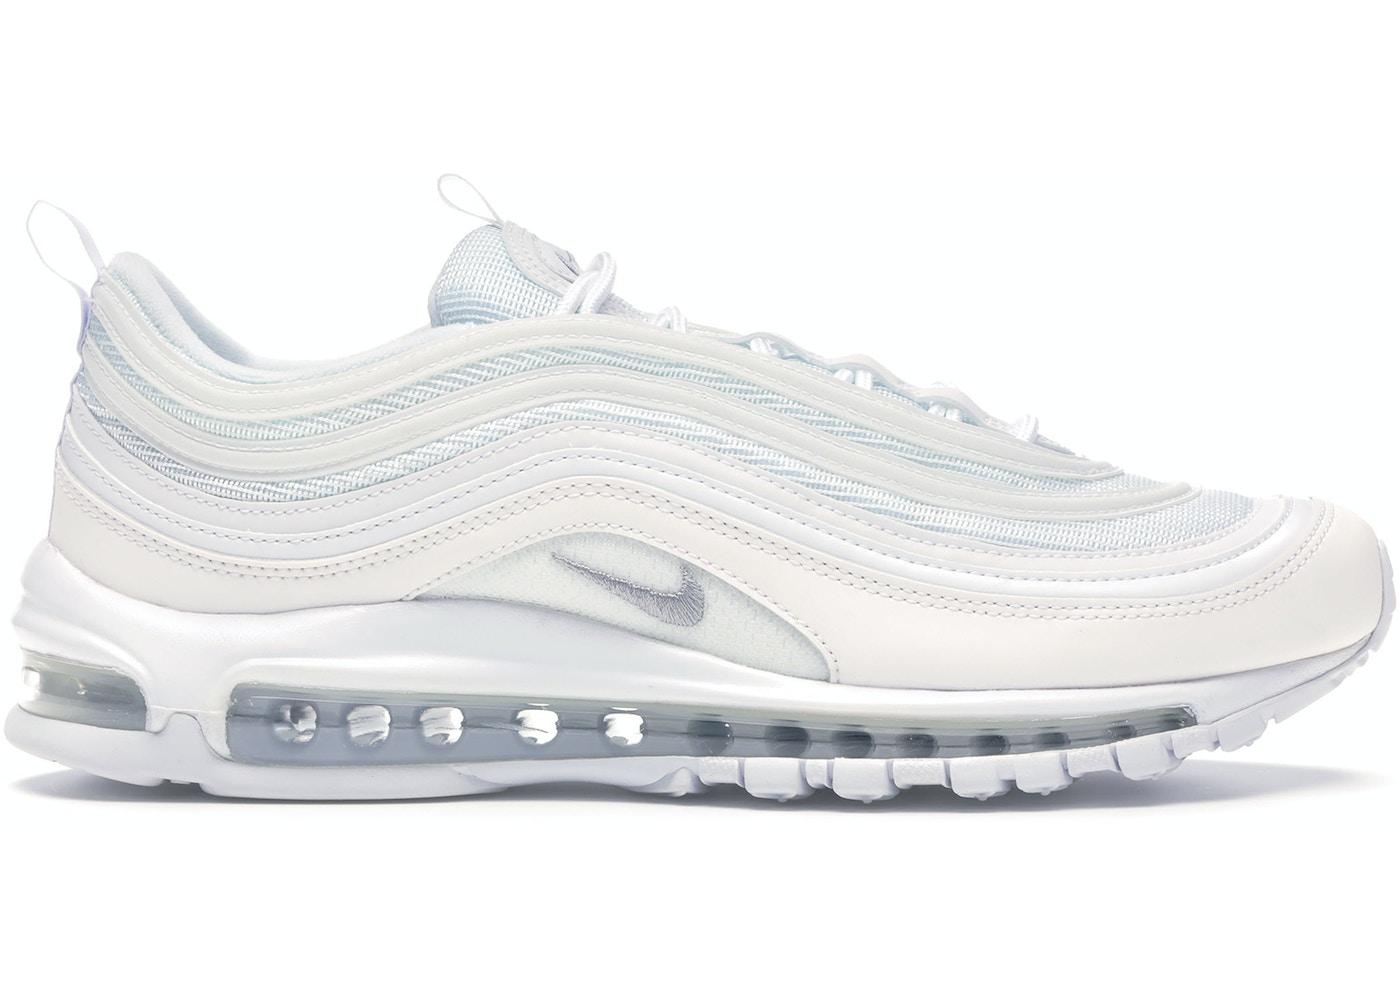 6b4b1b009168e Buy Nike Shoes & Deadstock Sneakers